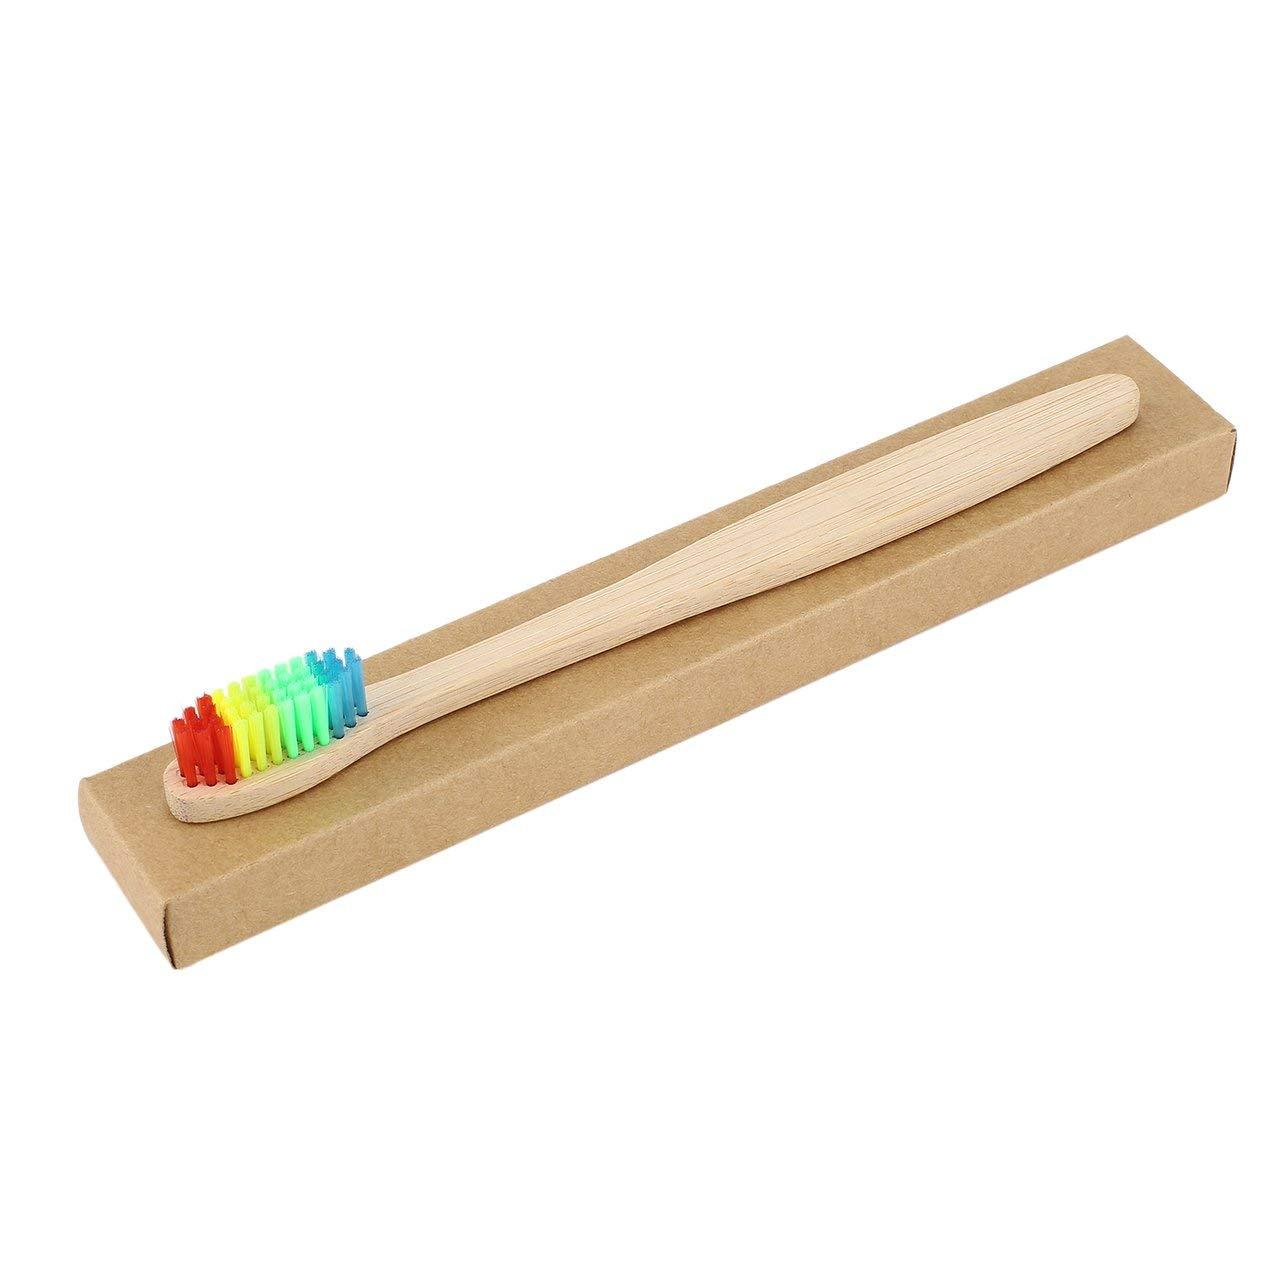 poign/ée en Bambou Brosse /à Dents Environnement en Bois Brosse /à Dents en Bambou Arc-en-Ciel Oral Care Poils Doux Unisexe WOSOSYEYO Cheveux color/és